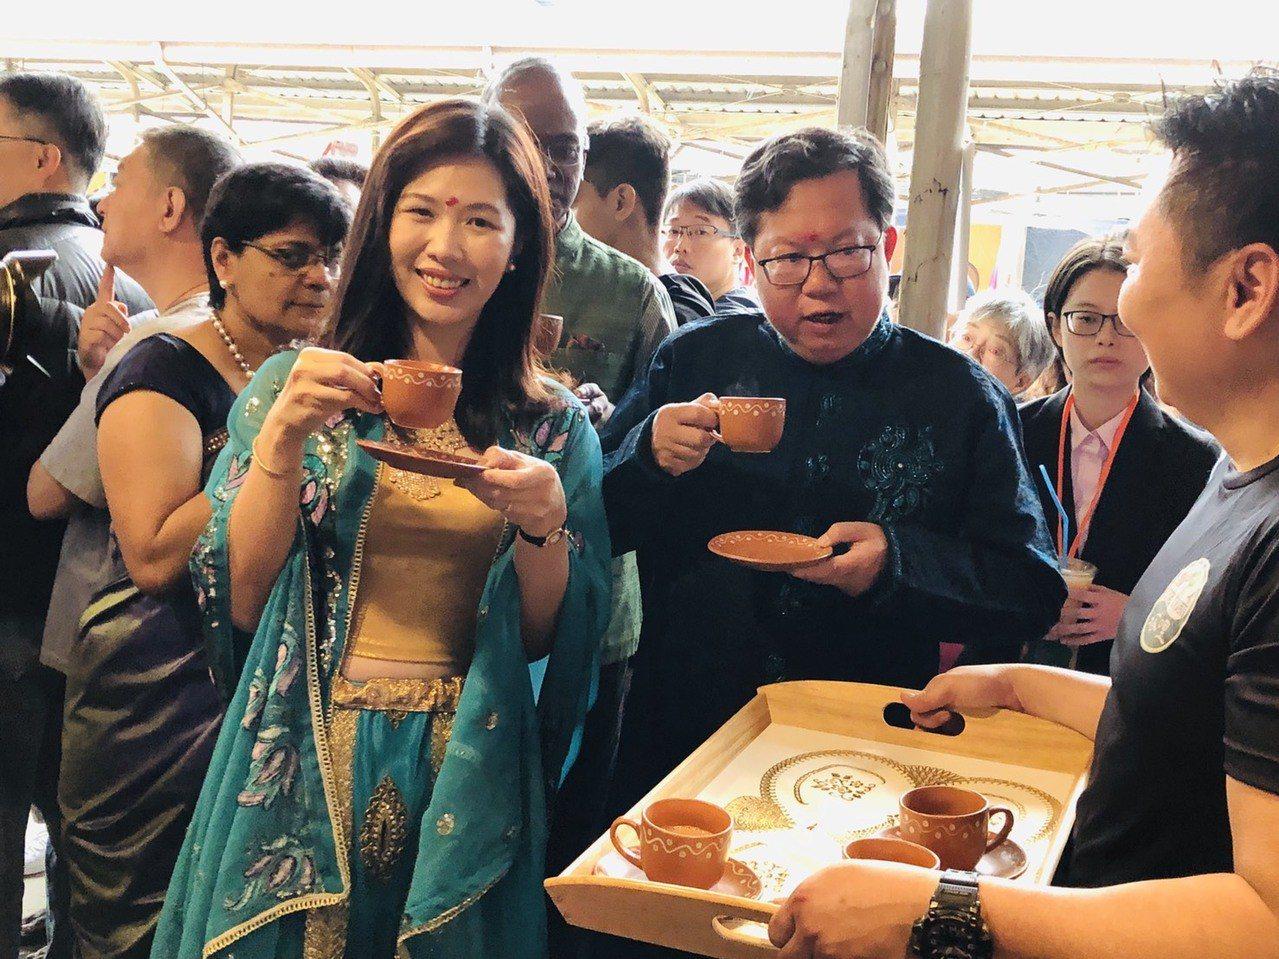 桃園市長鄭文燦與妻子林俞汝穿上印度服飾逛攤,大啖印度美食。記者張裕珍/攝影